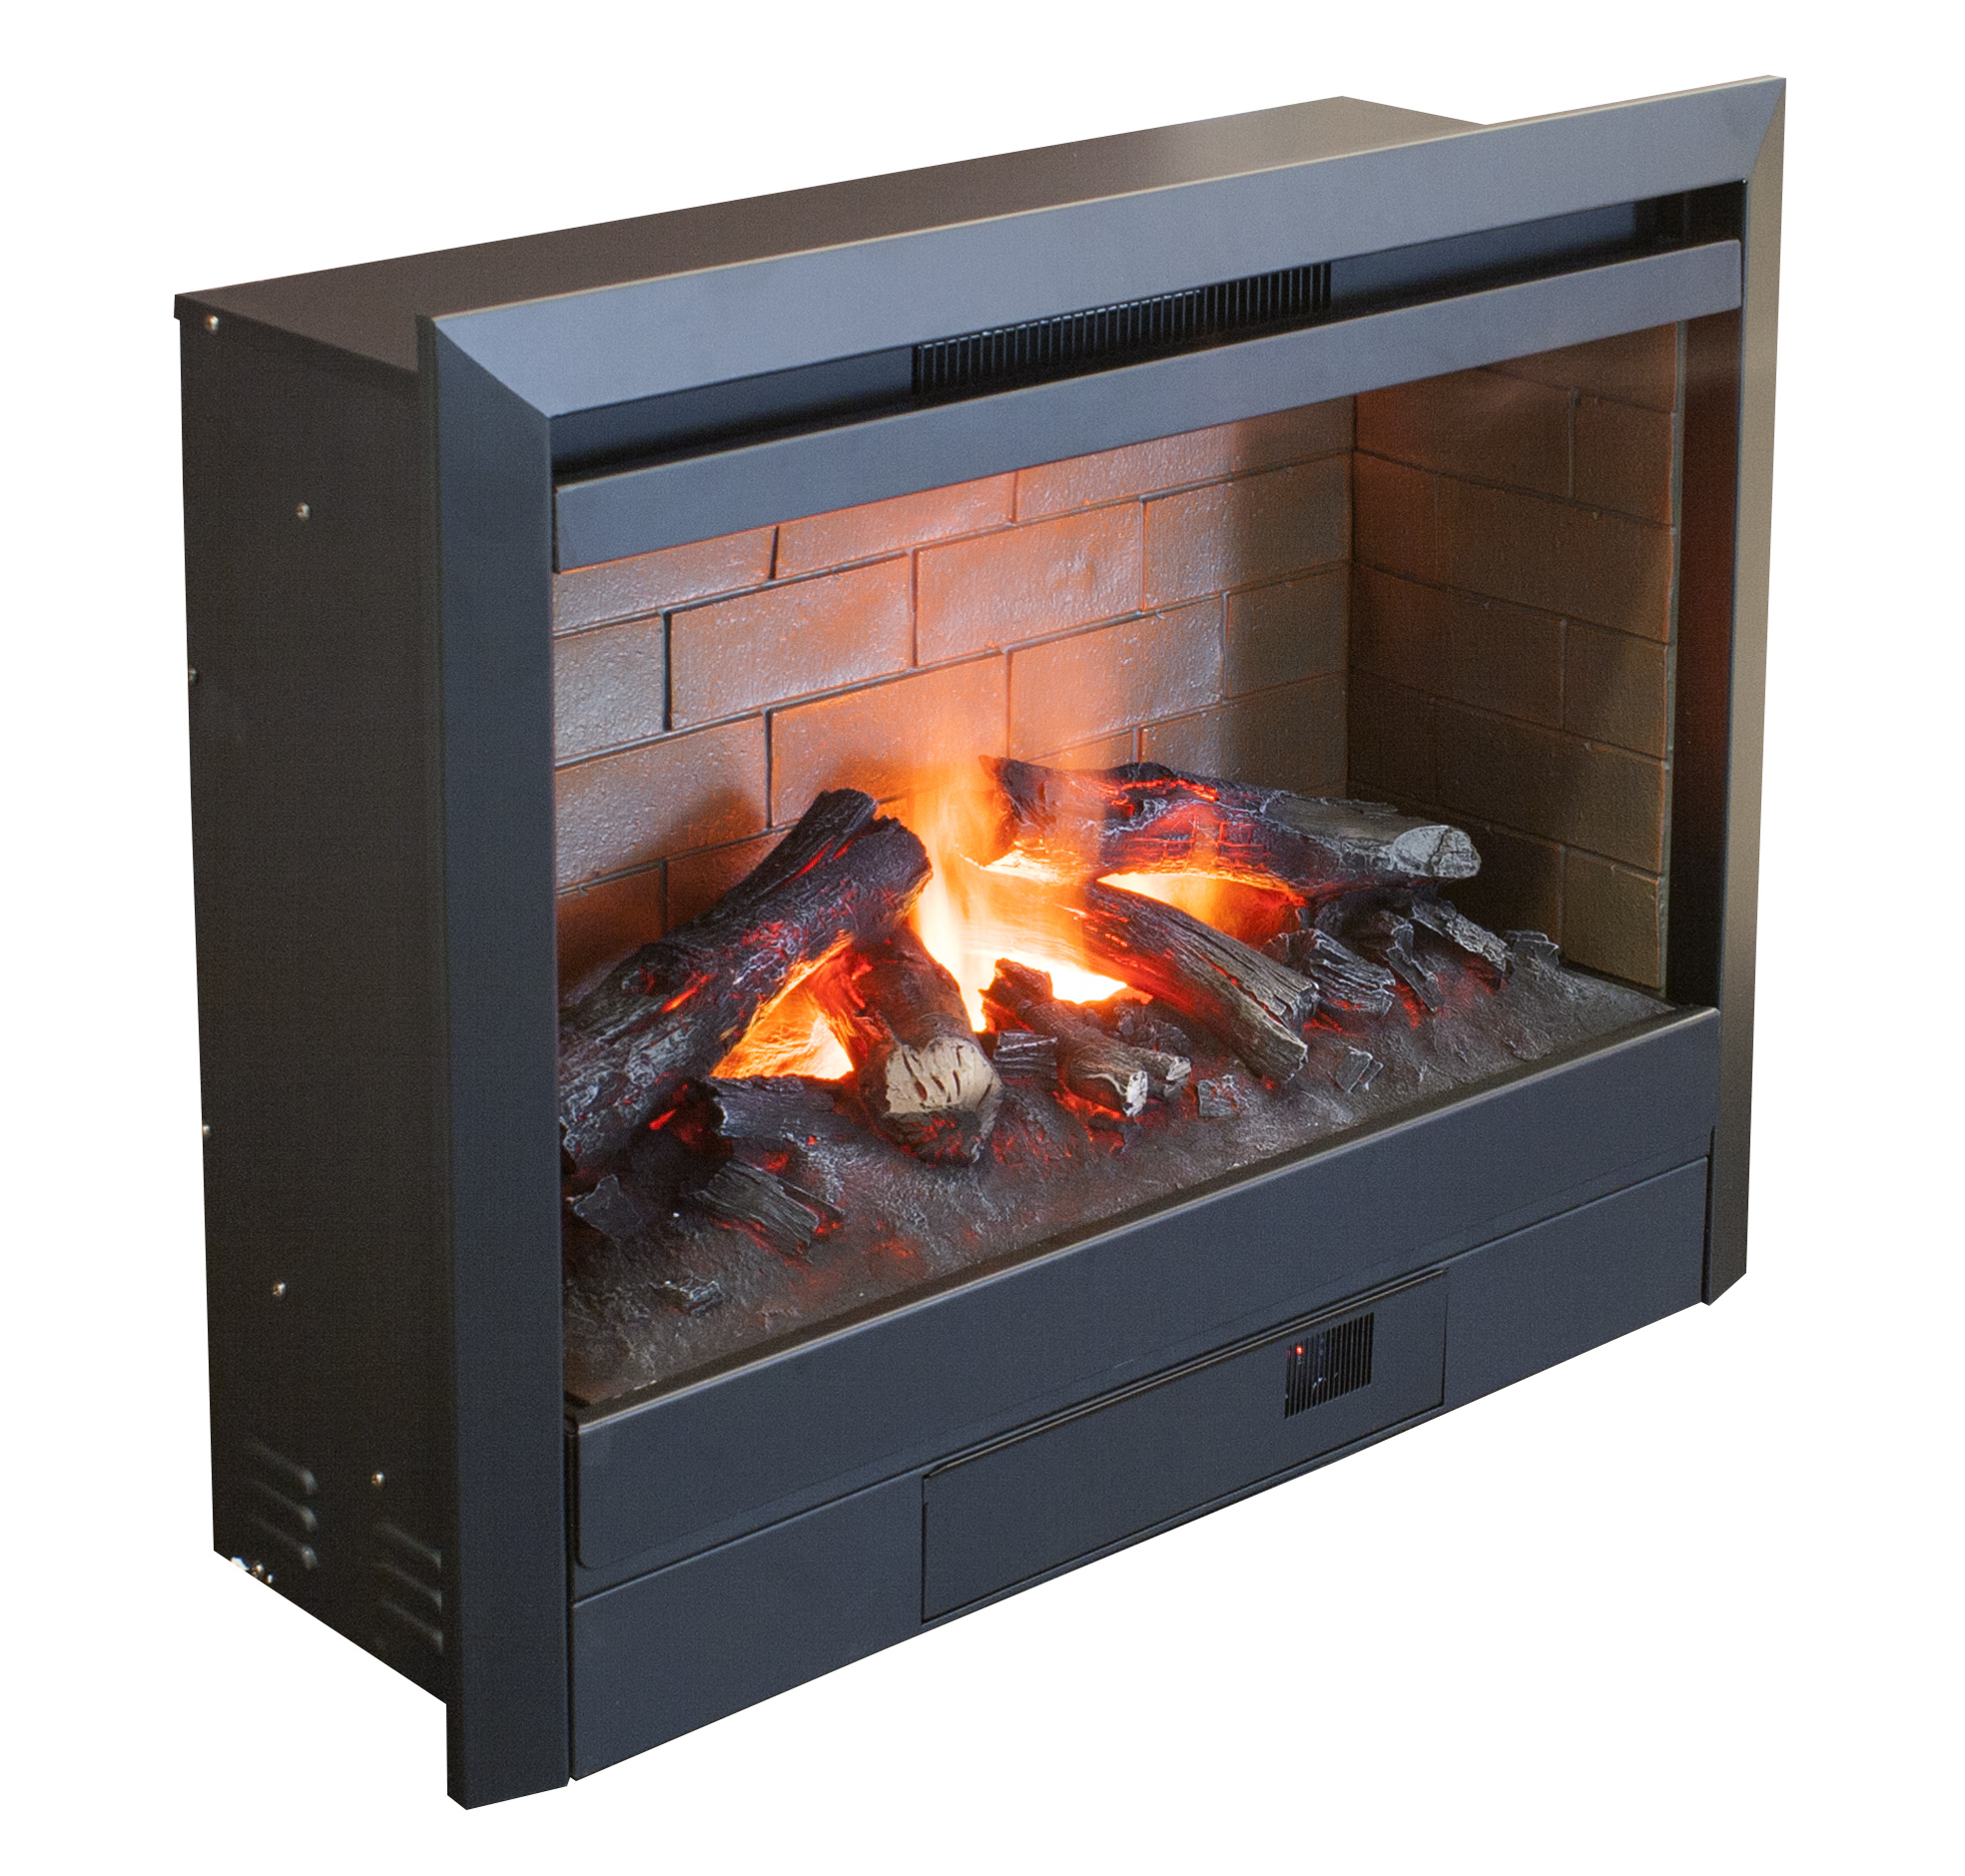 Электрокамин real flame helios очаг купить дровяные камины для дачи цены недорогие